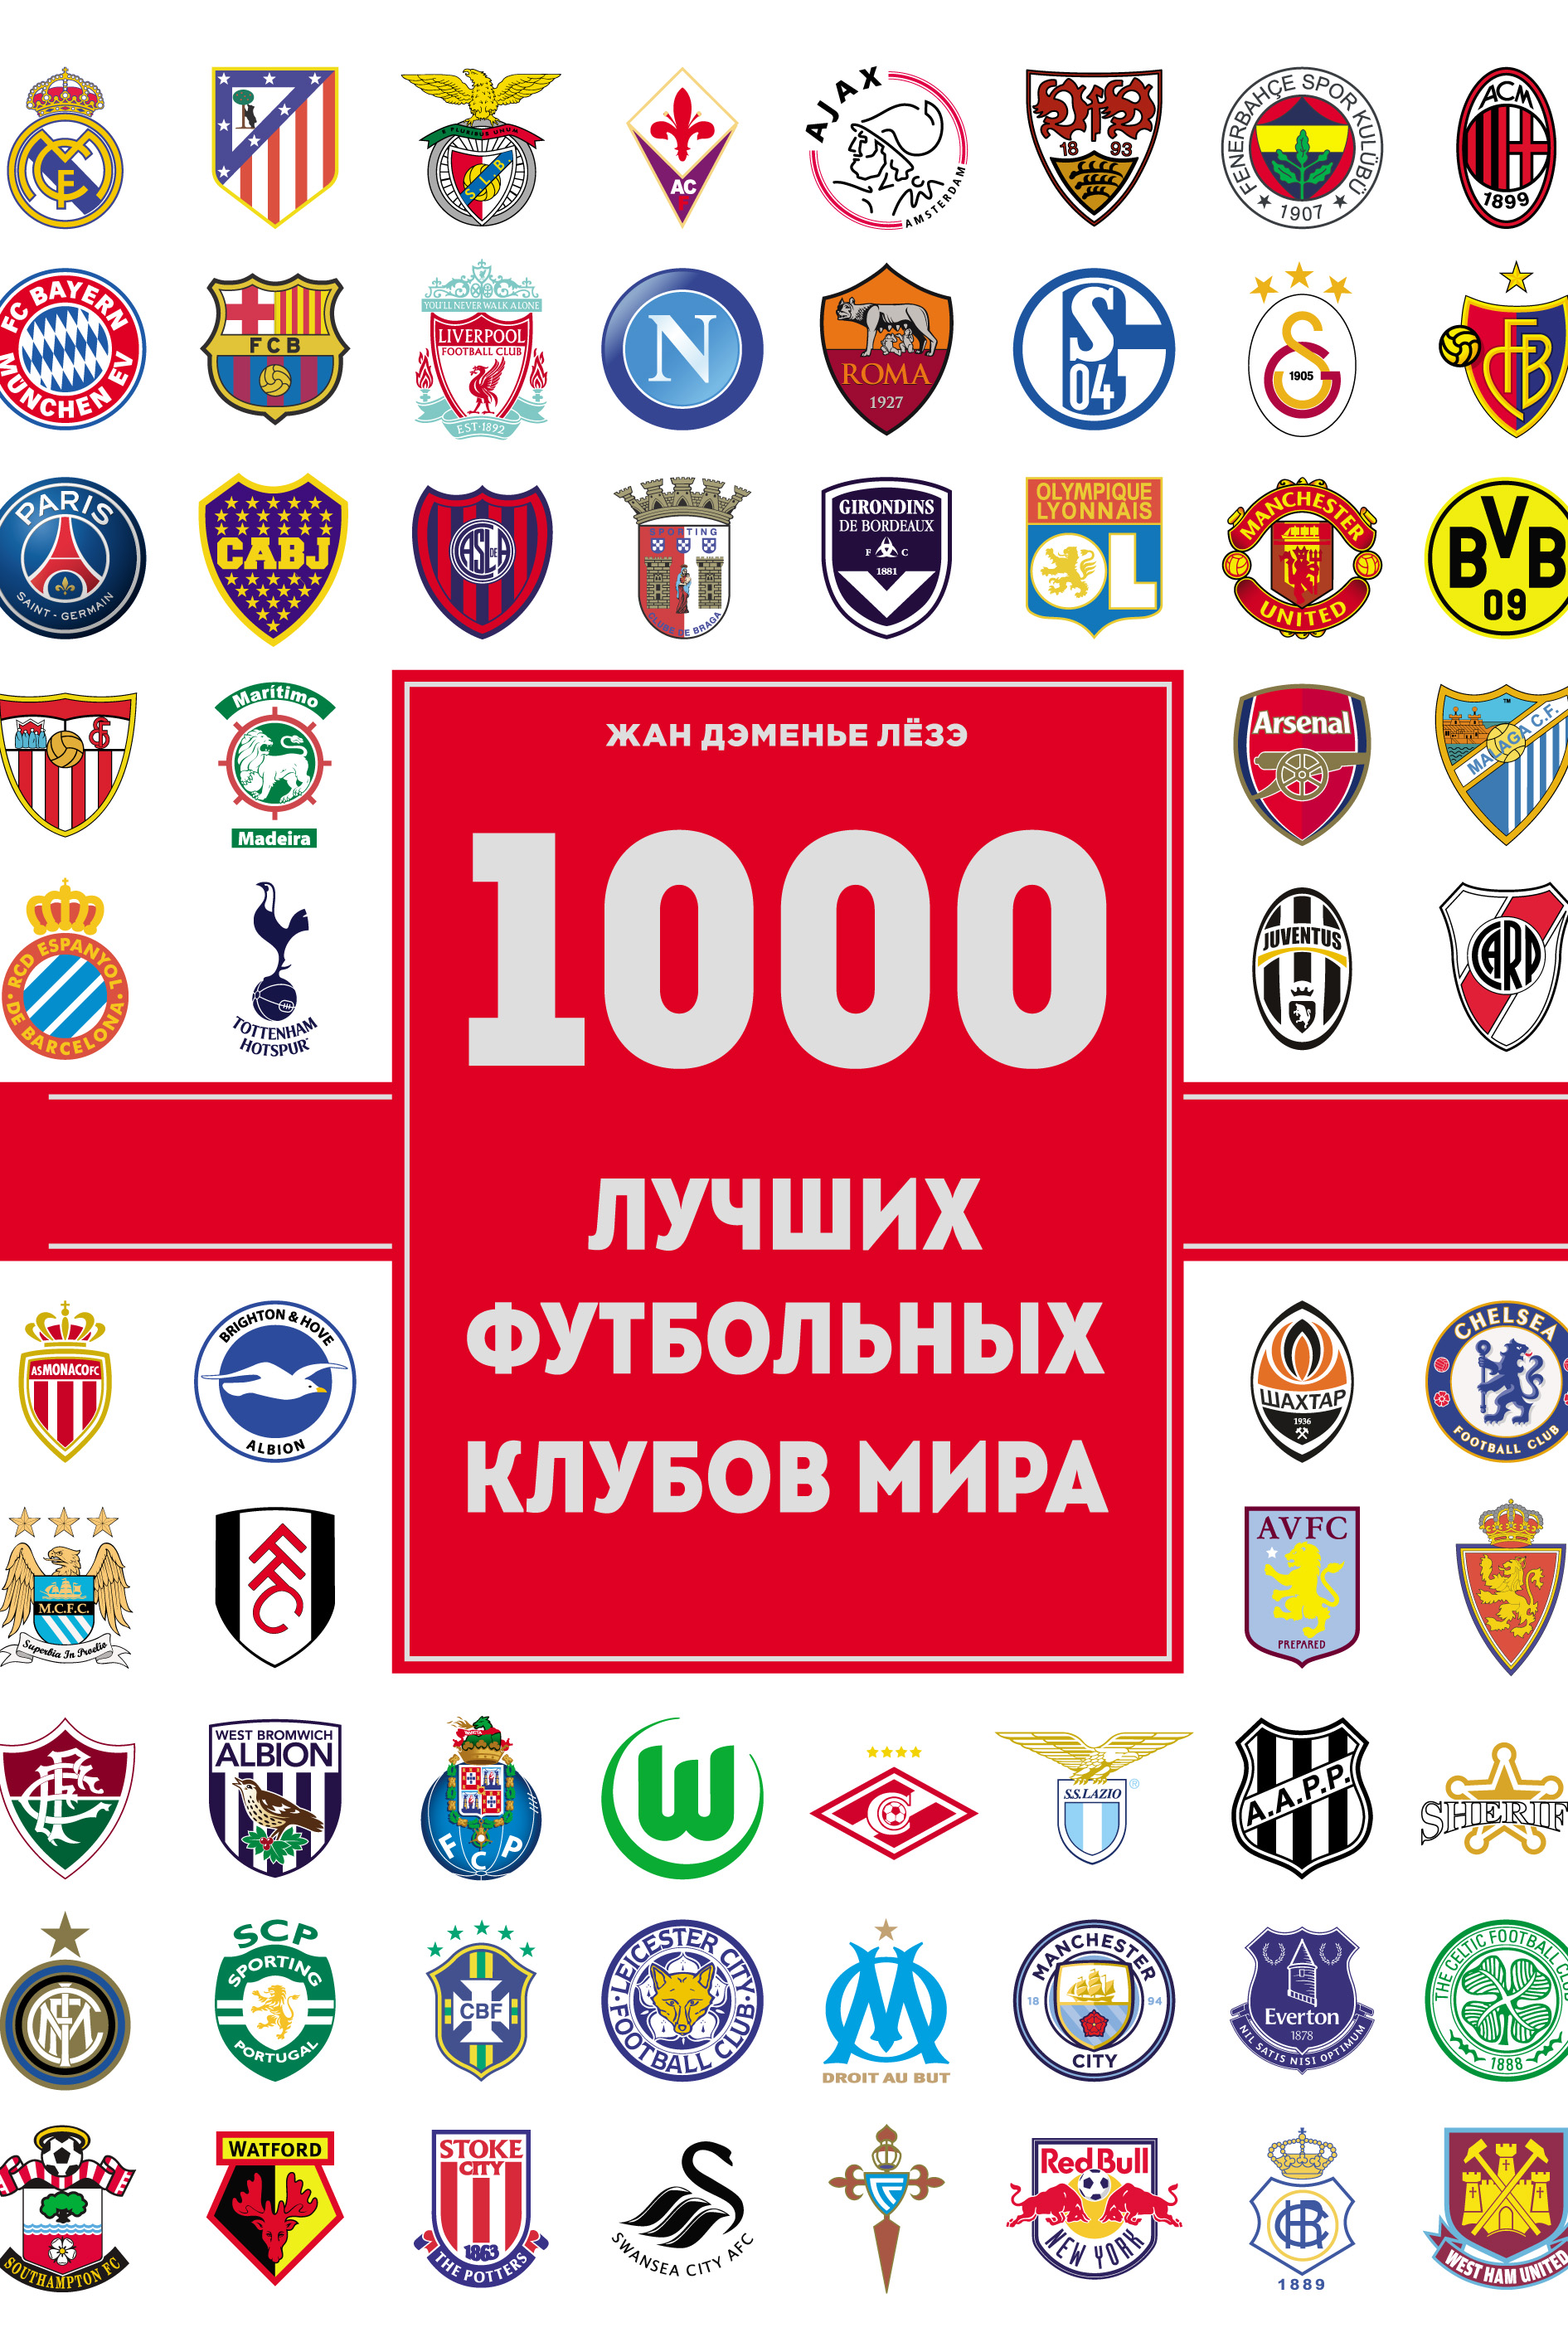 Жан Дэменье Лёзэ 1000 лучших футбольных клубов мира анна мурзина бисер 1000 лучших идей